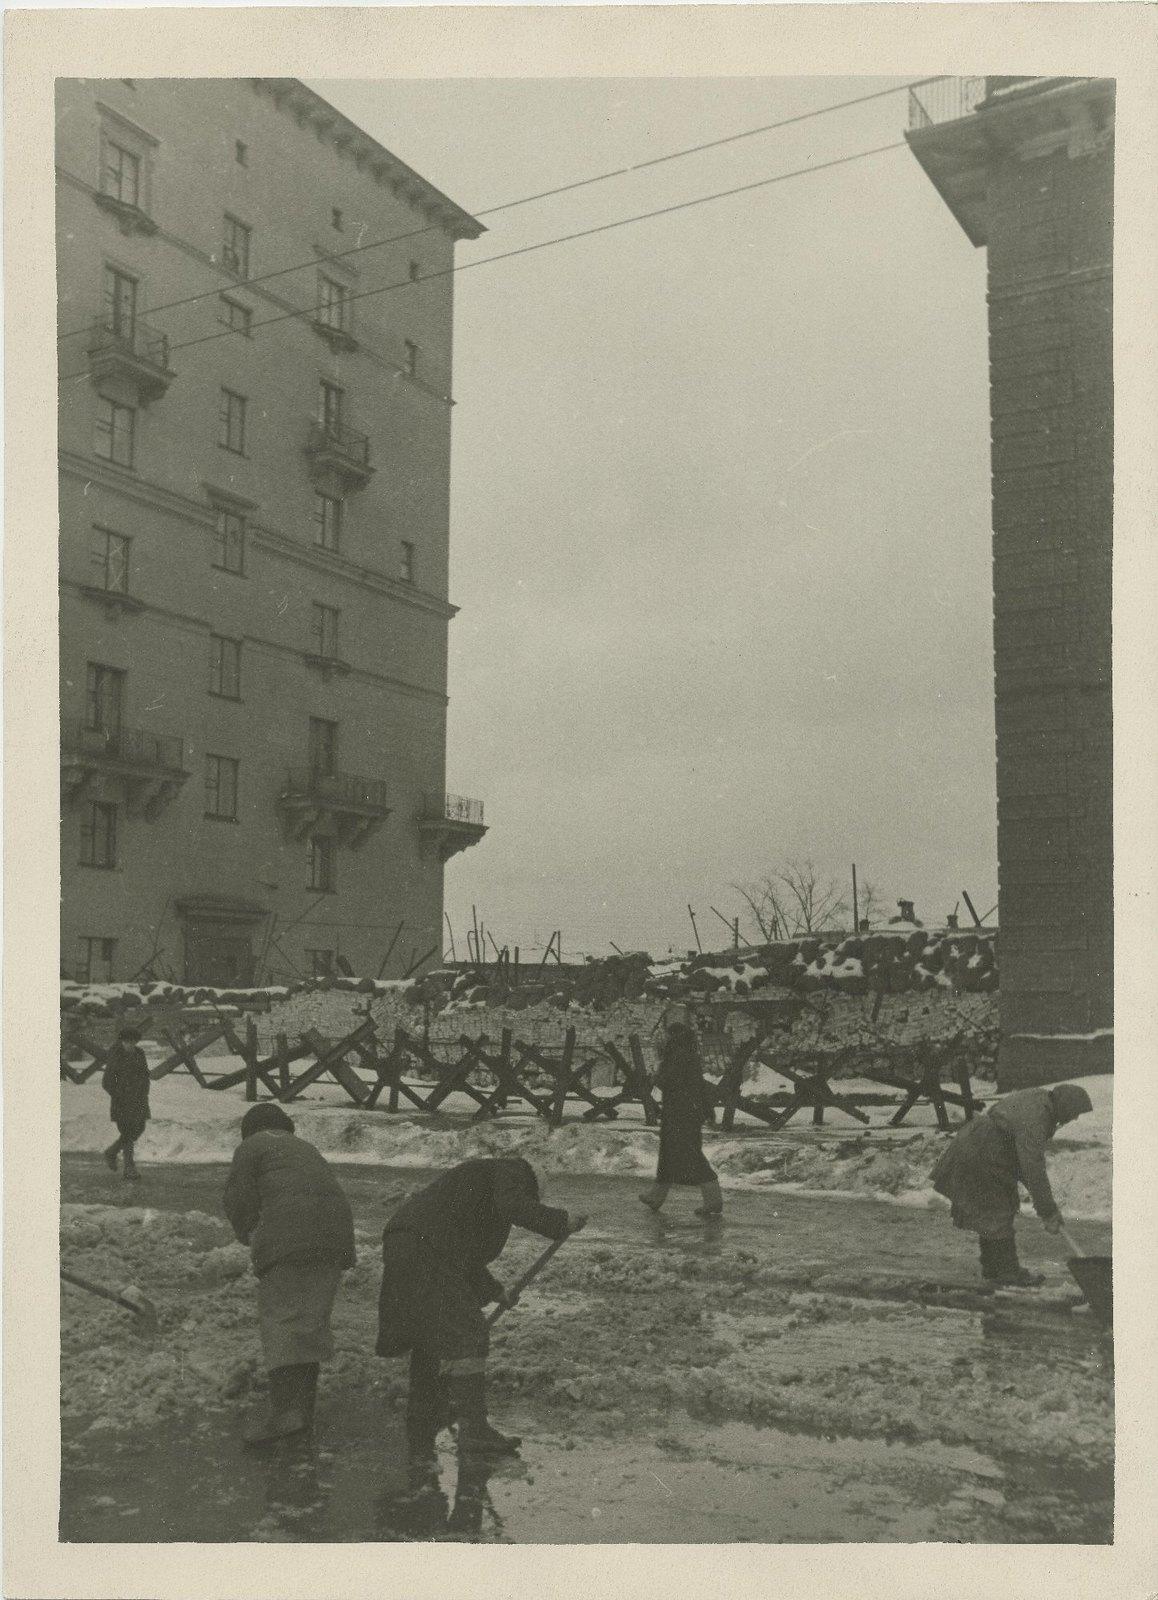 1941. Баррикадные заграждения между домов